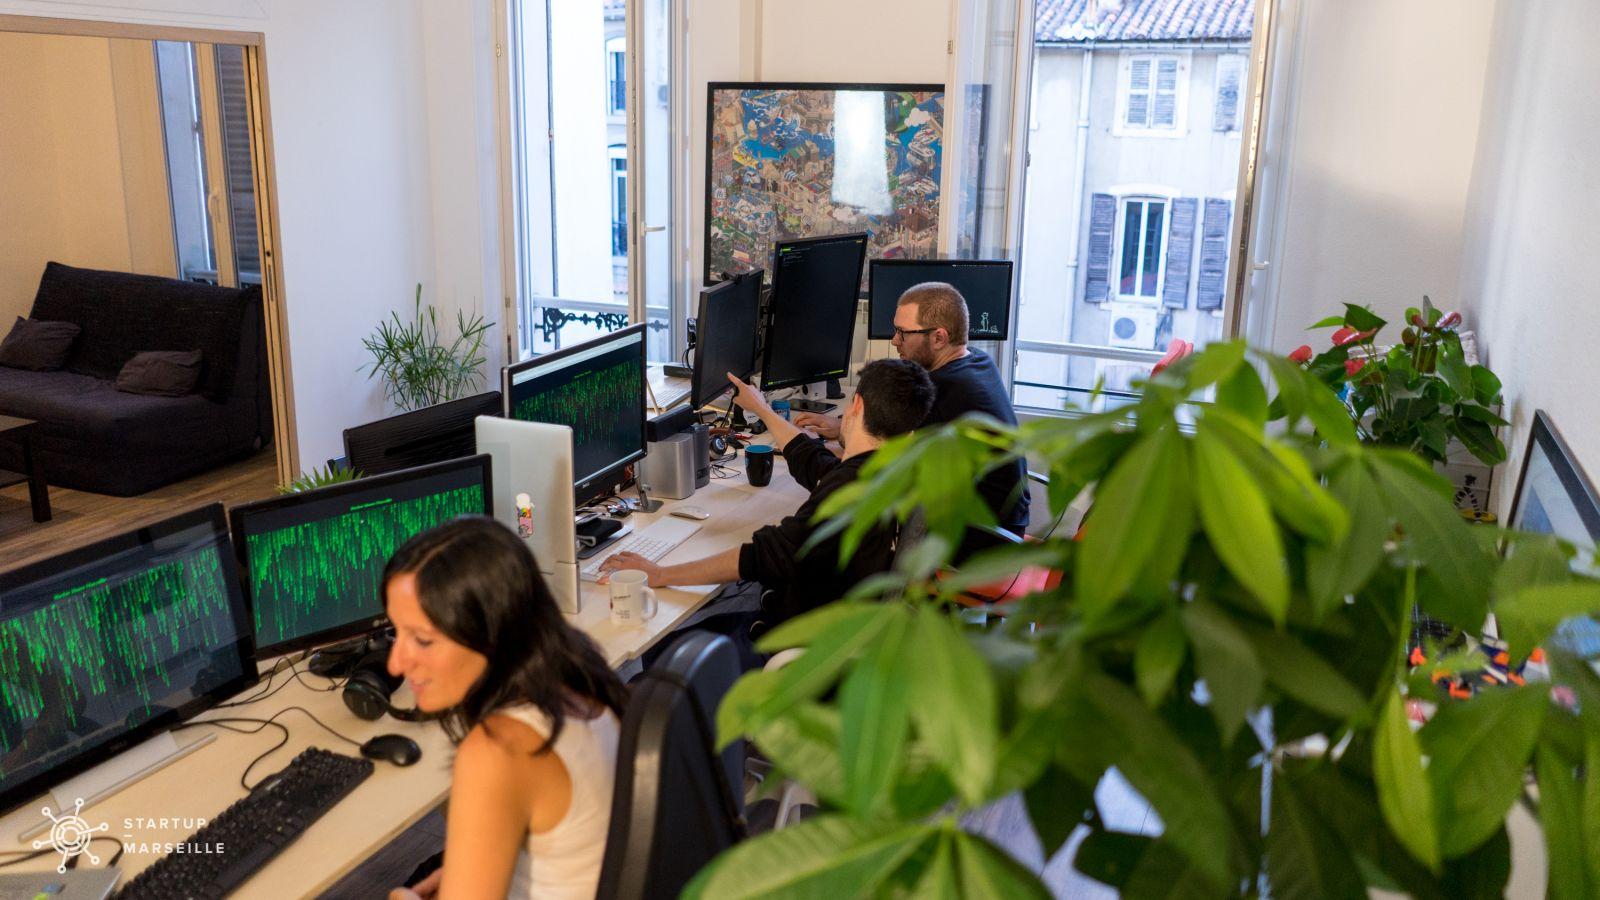 Startup Marseille, Marseille